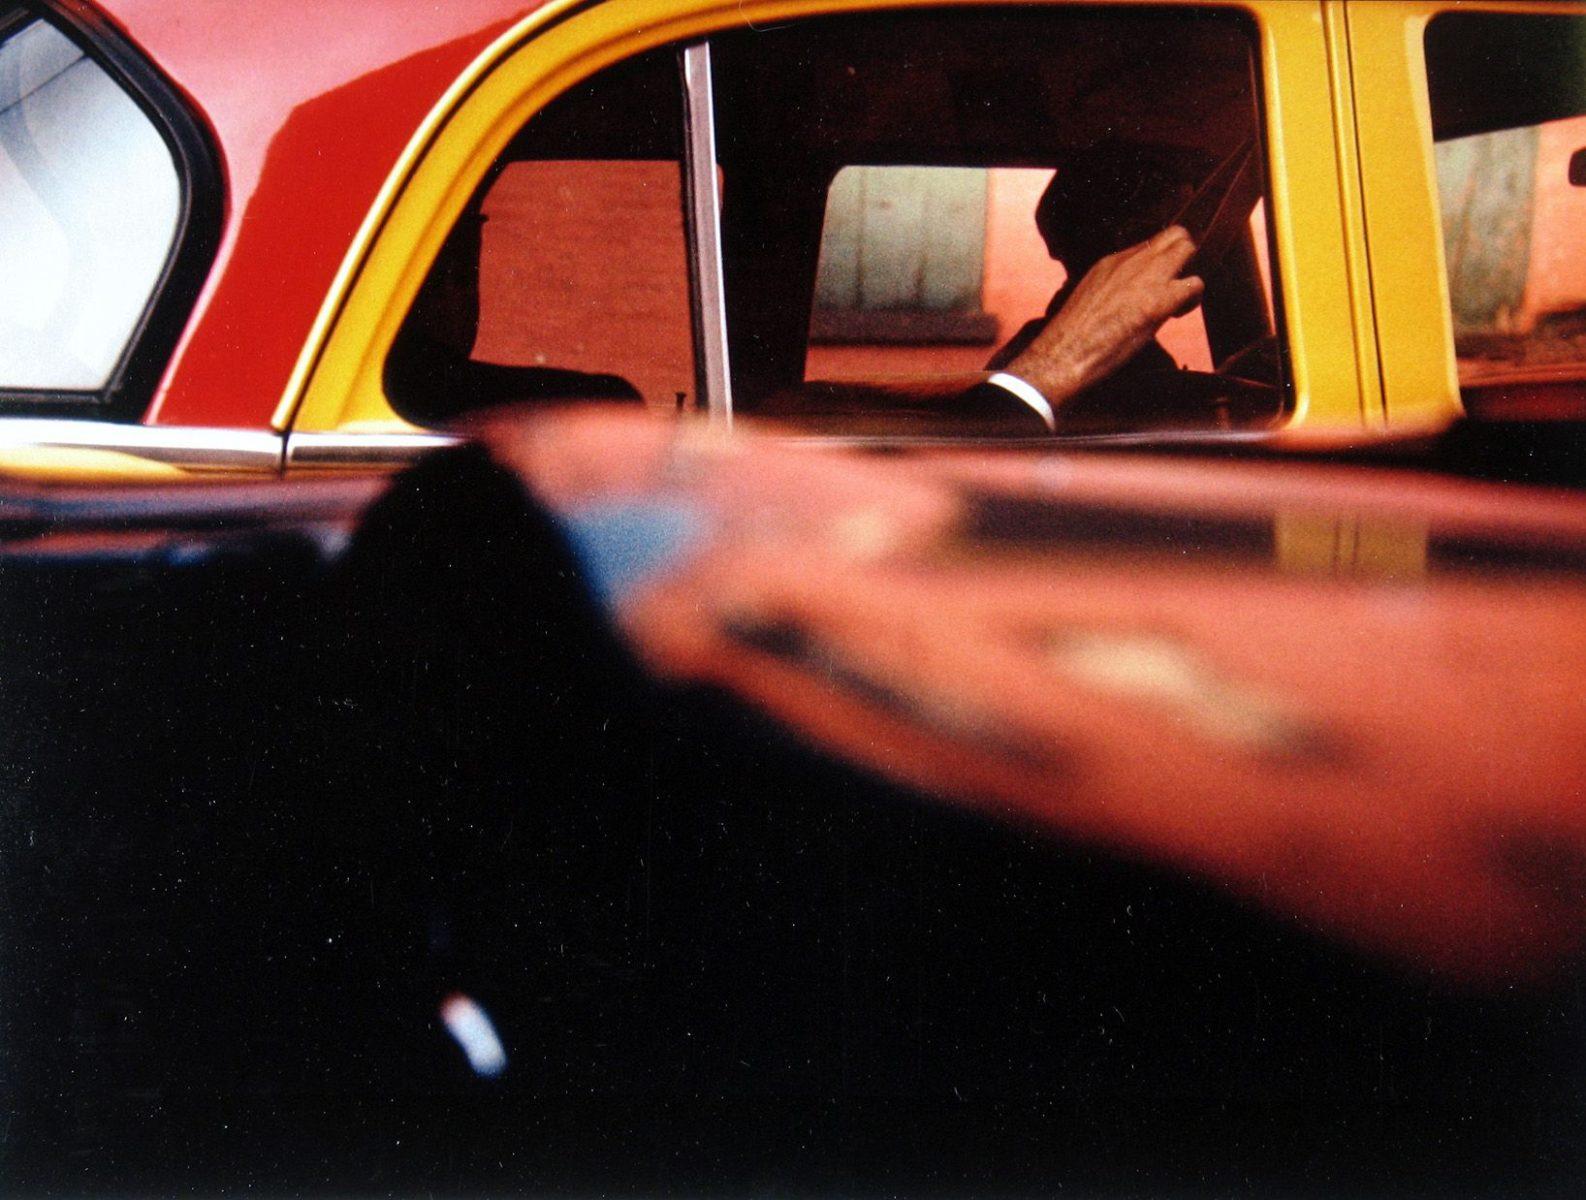 Farbfotografie, Taxi, New York, USA, 1957 Foto von Saul Leiter